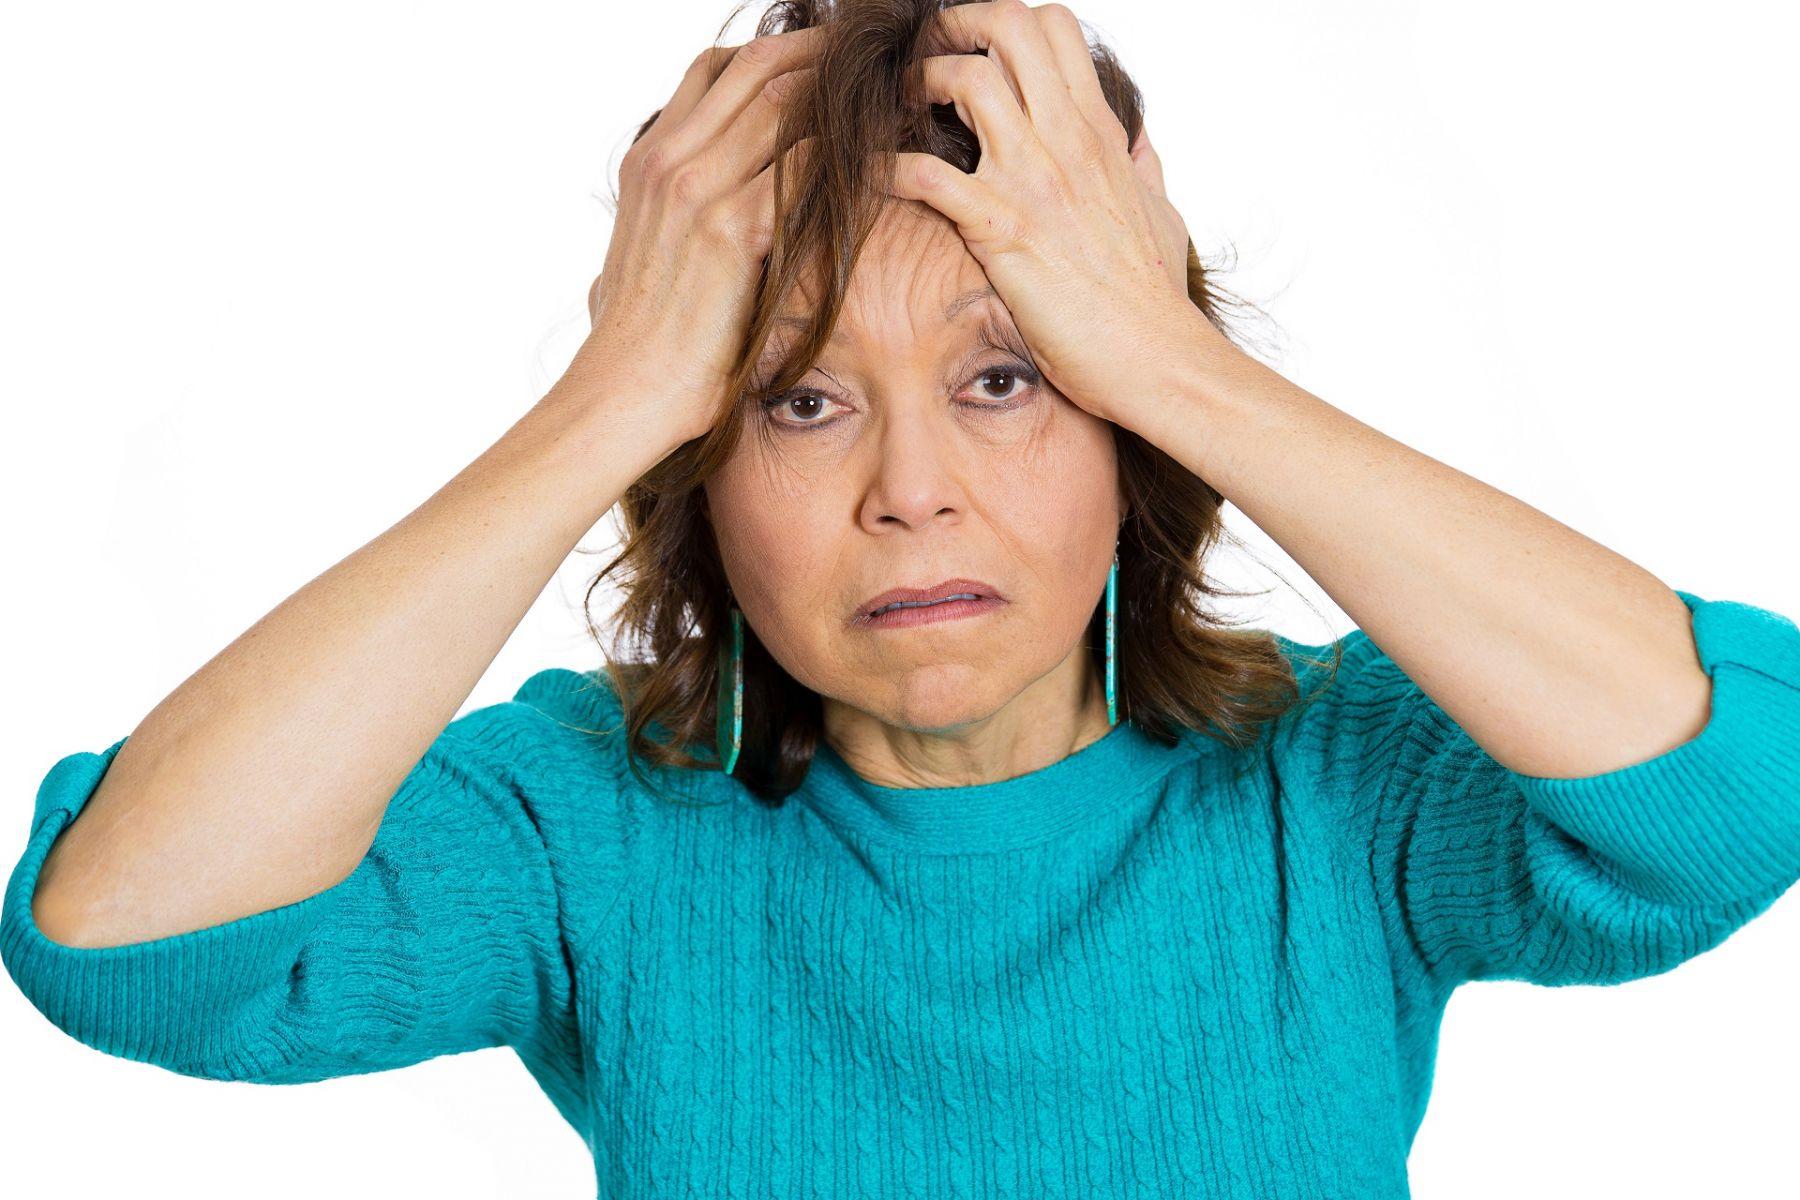 經期不順、熱潮紅、喜怒無常...是更年期的前兆嗎? 專家教你這樣判斷